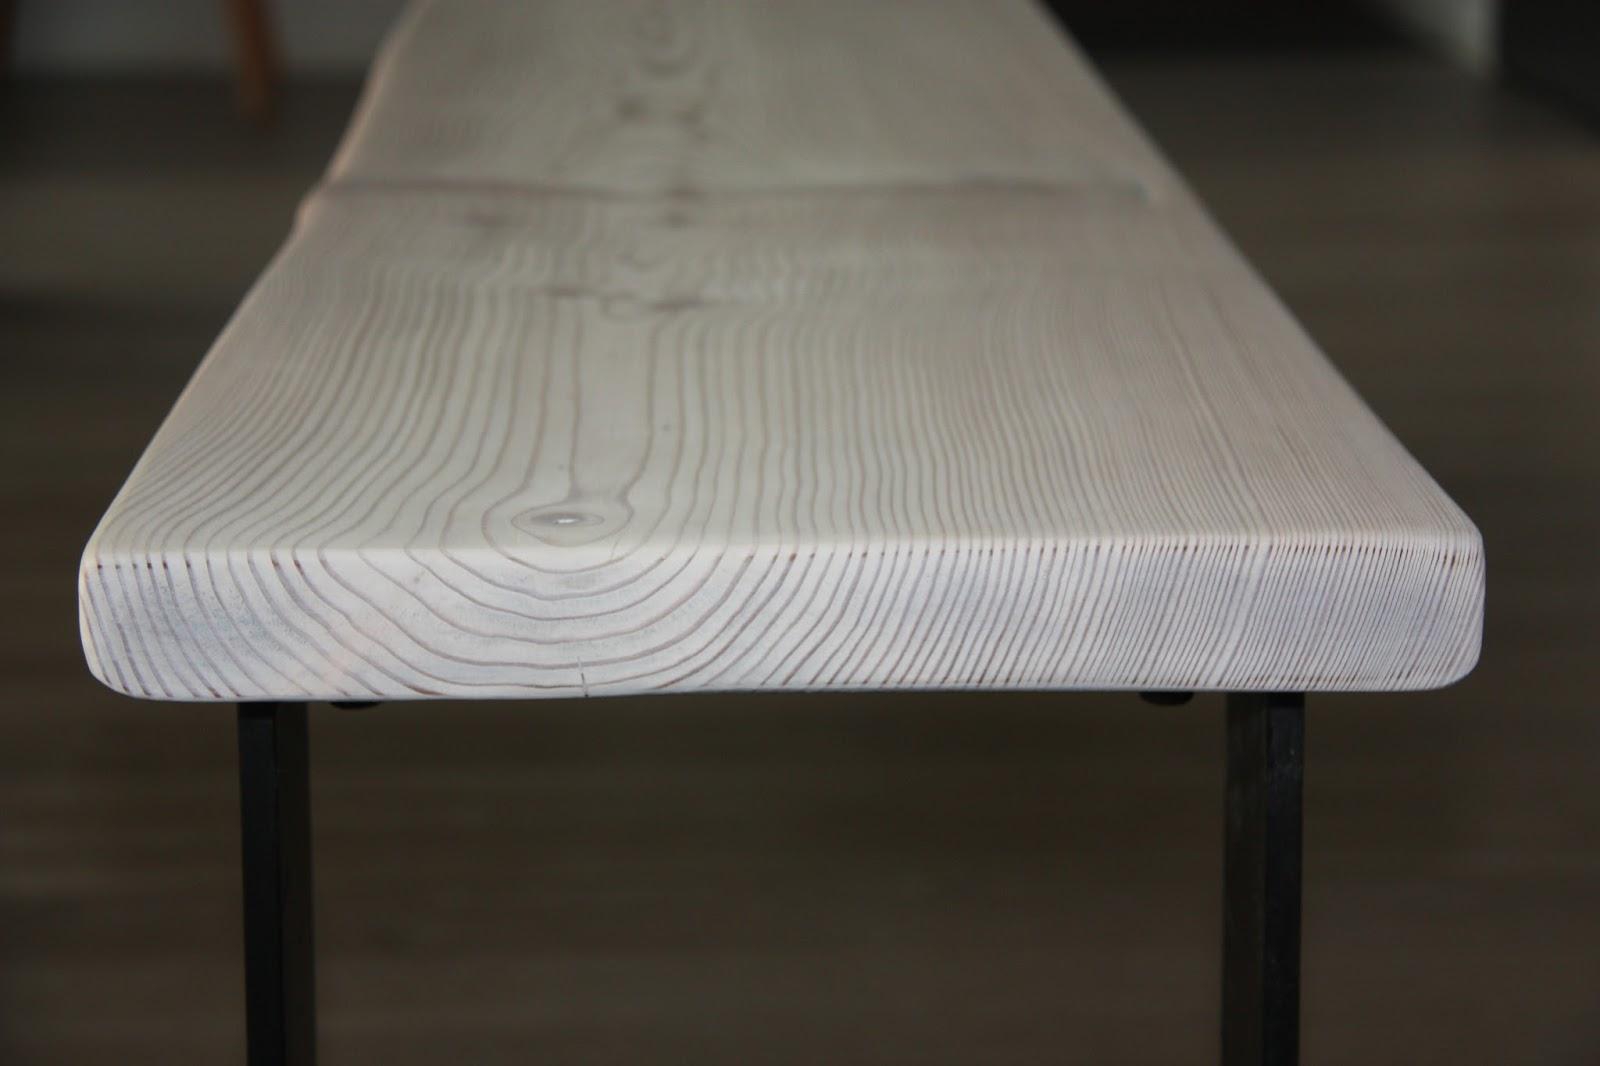 Puuta ja kiveä raksablogi kivitalomaisesta modernista puutalosta Ruokapöydä